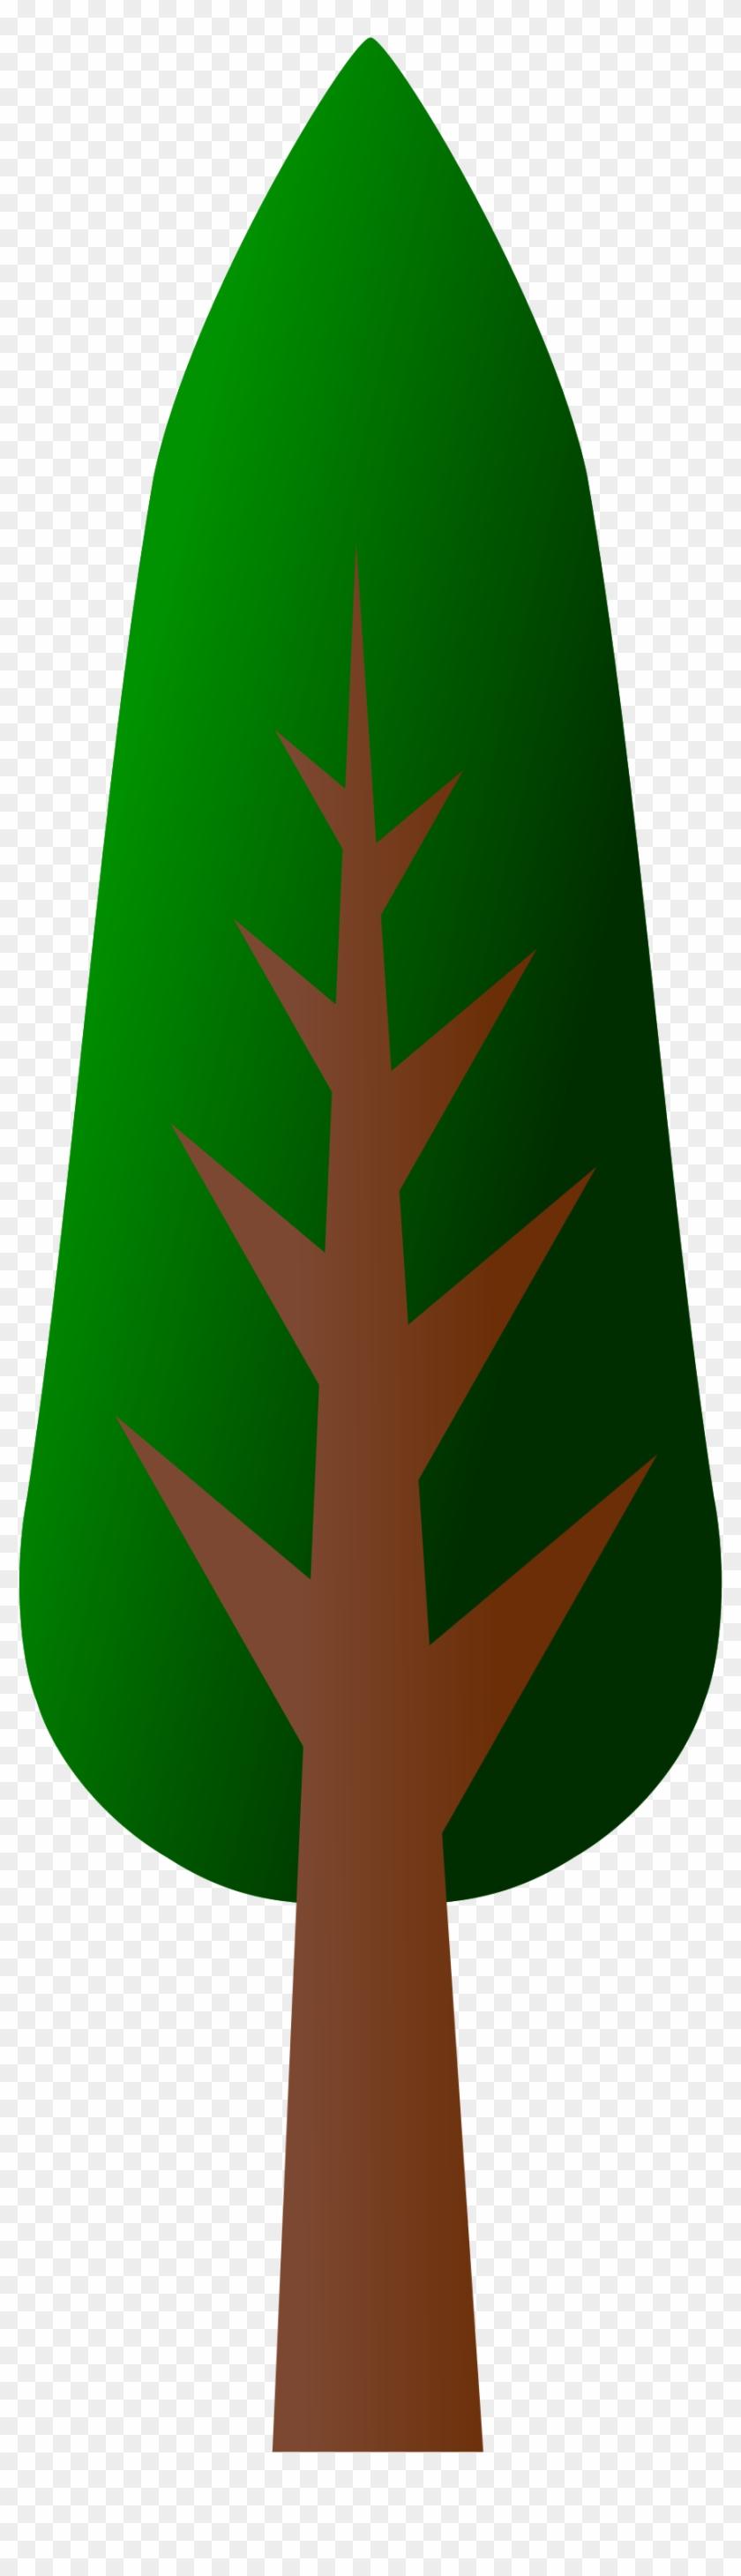 Tree Clip Art Vector Clip Art - Tall Trees Clip Art #2595